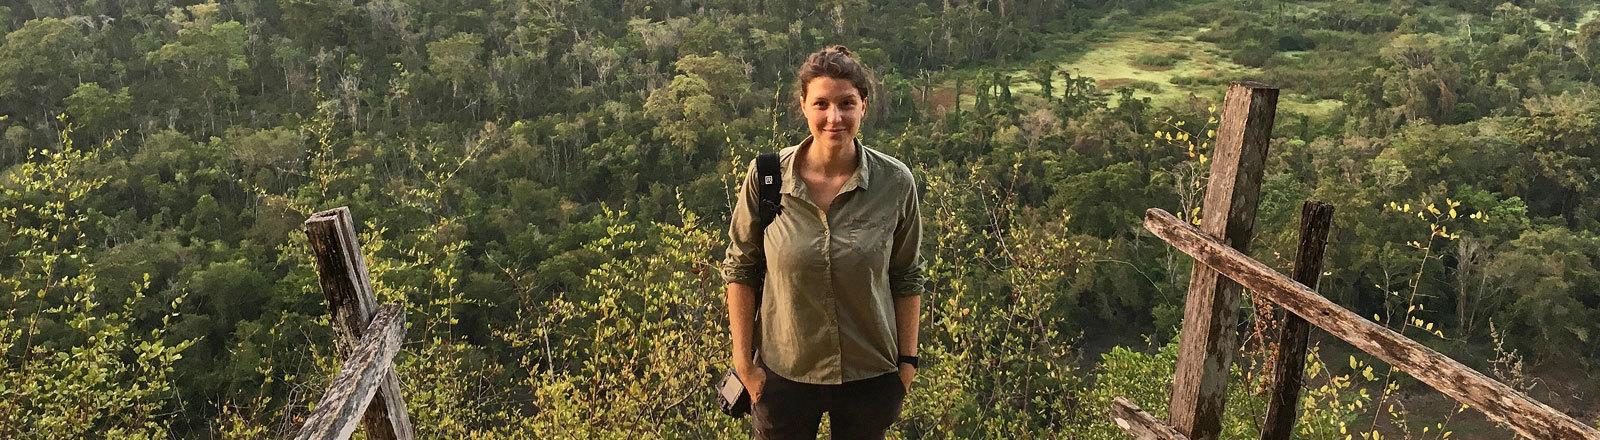 Hannah Emde, Abenteuer-Artenschützerin